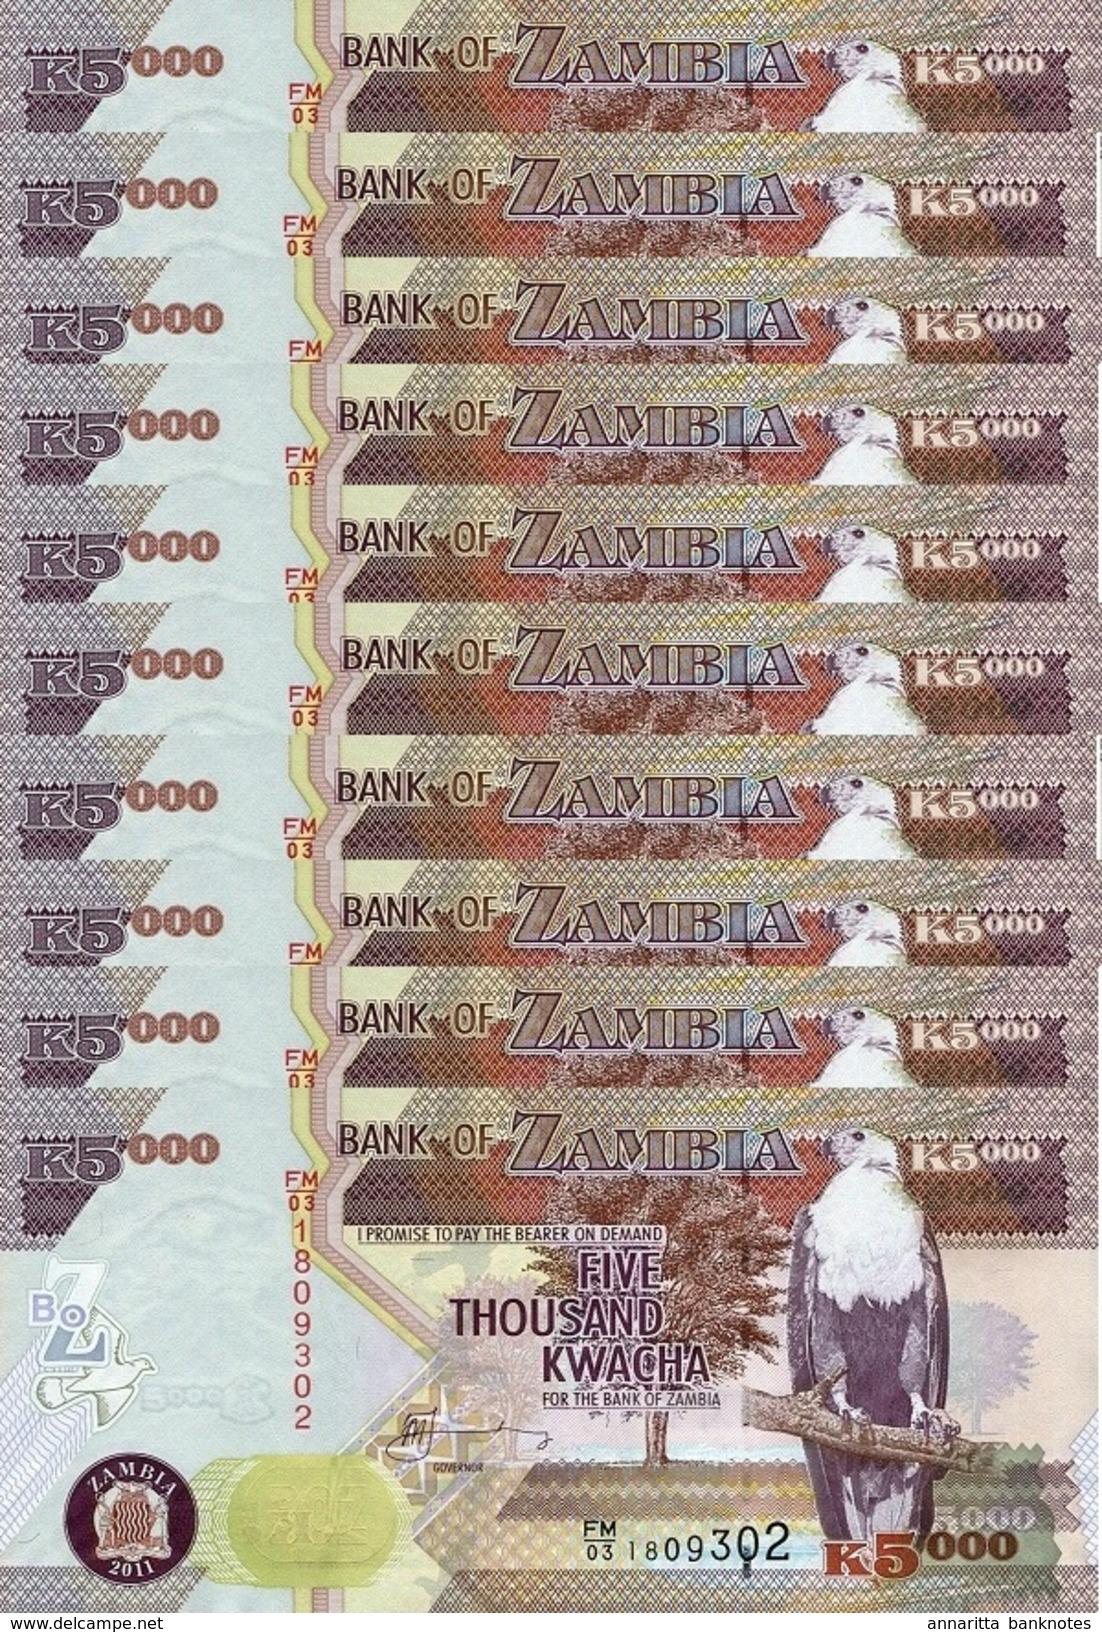 ZAMBIE 5000 KWACHA 2011 P-45g NEUF 10 PCS [ZM147g] - Zambia